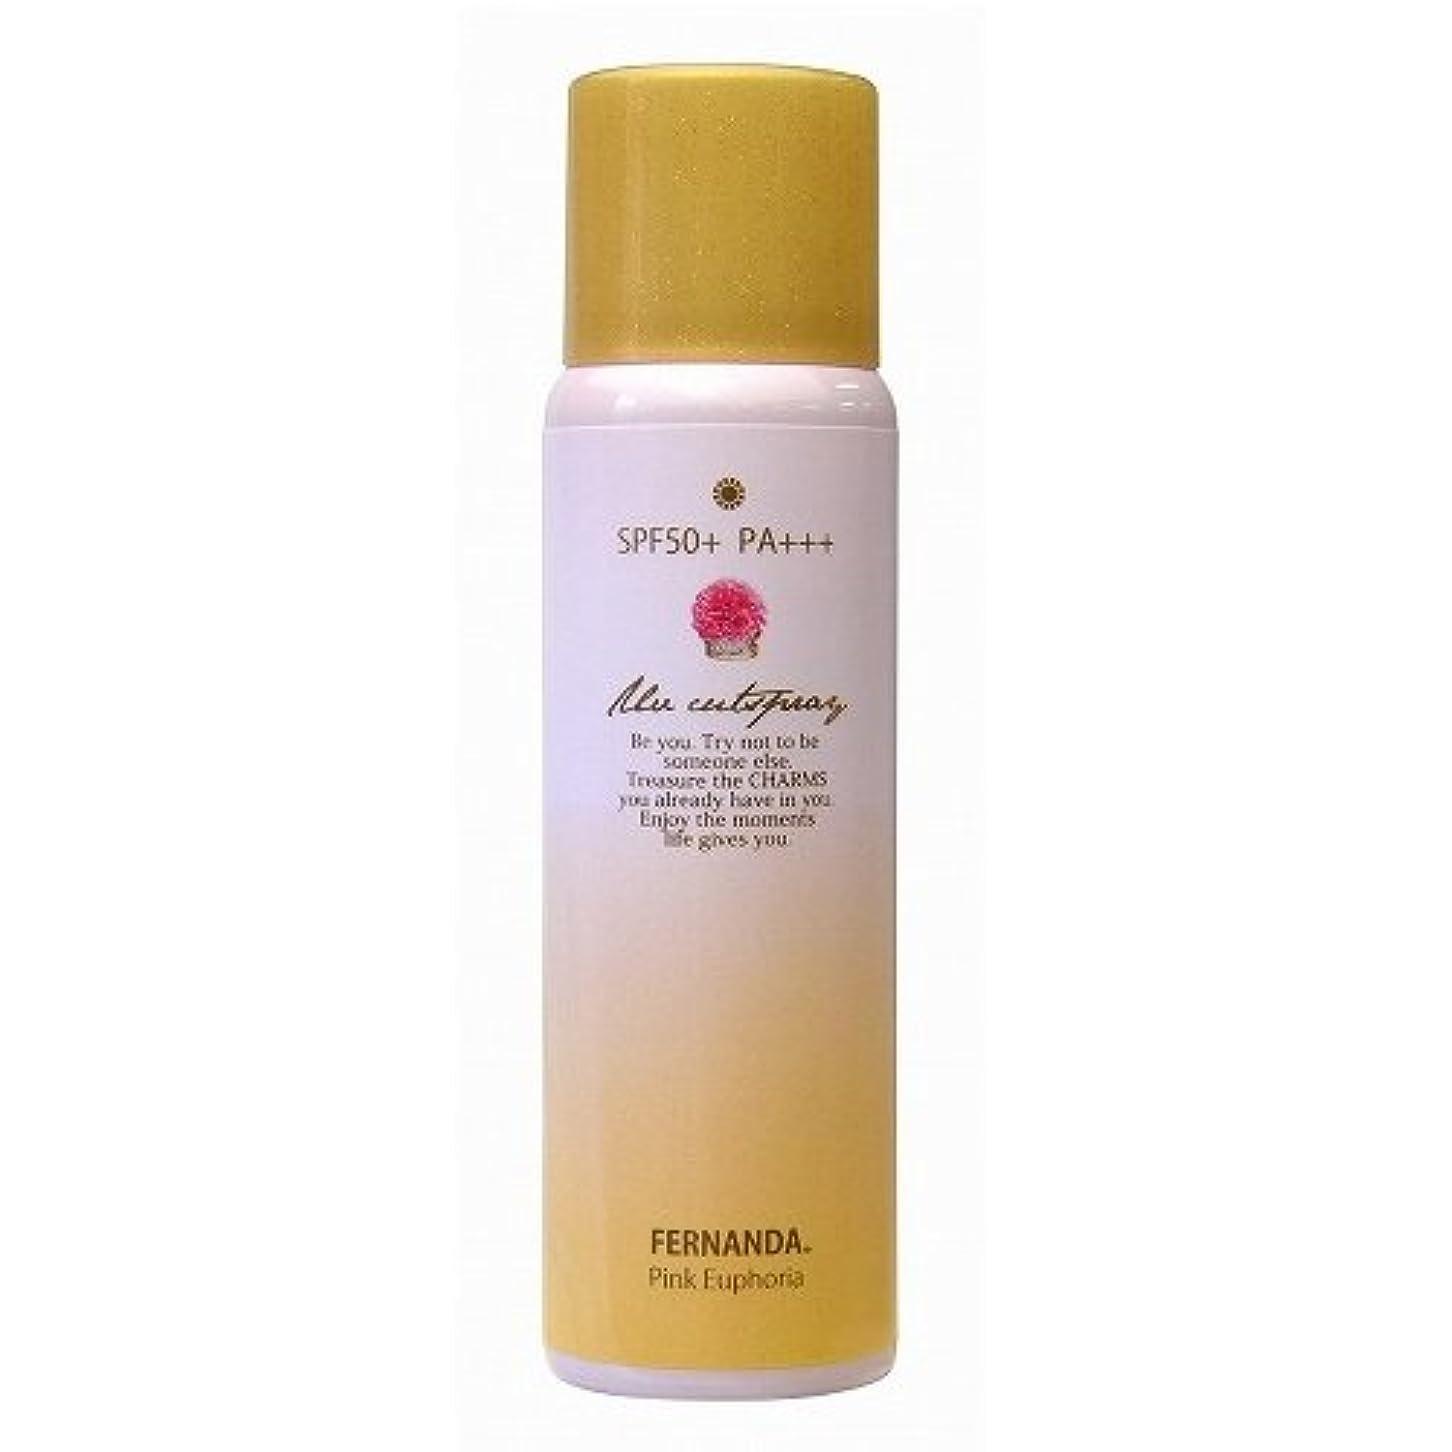 イベントエンターテインメントエキサイティングFERNANDA(フェルナンダ) UV CUT Spray Pink Euphoria〈SPF50+ PA+++〉 (UVカット スプレー ピンクエウフォリア)